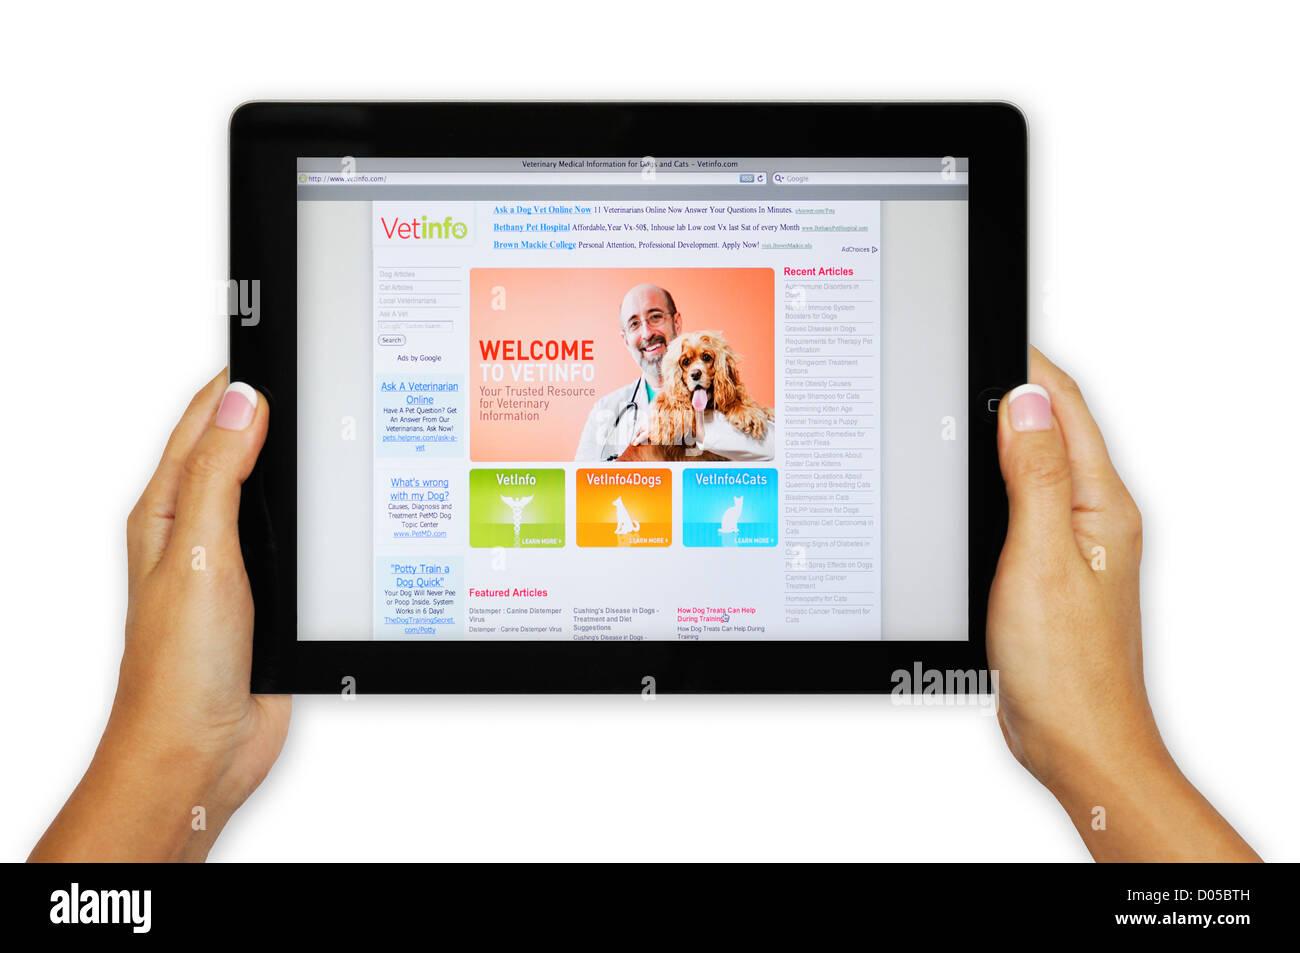 iPad screen showing VetInfo website - online veterinarian information - Stock Image